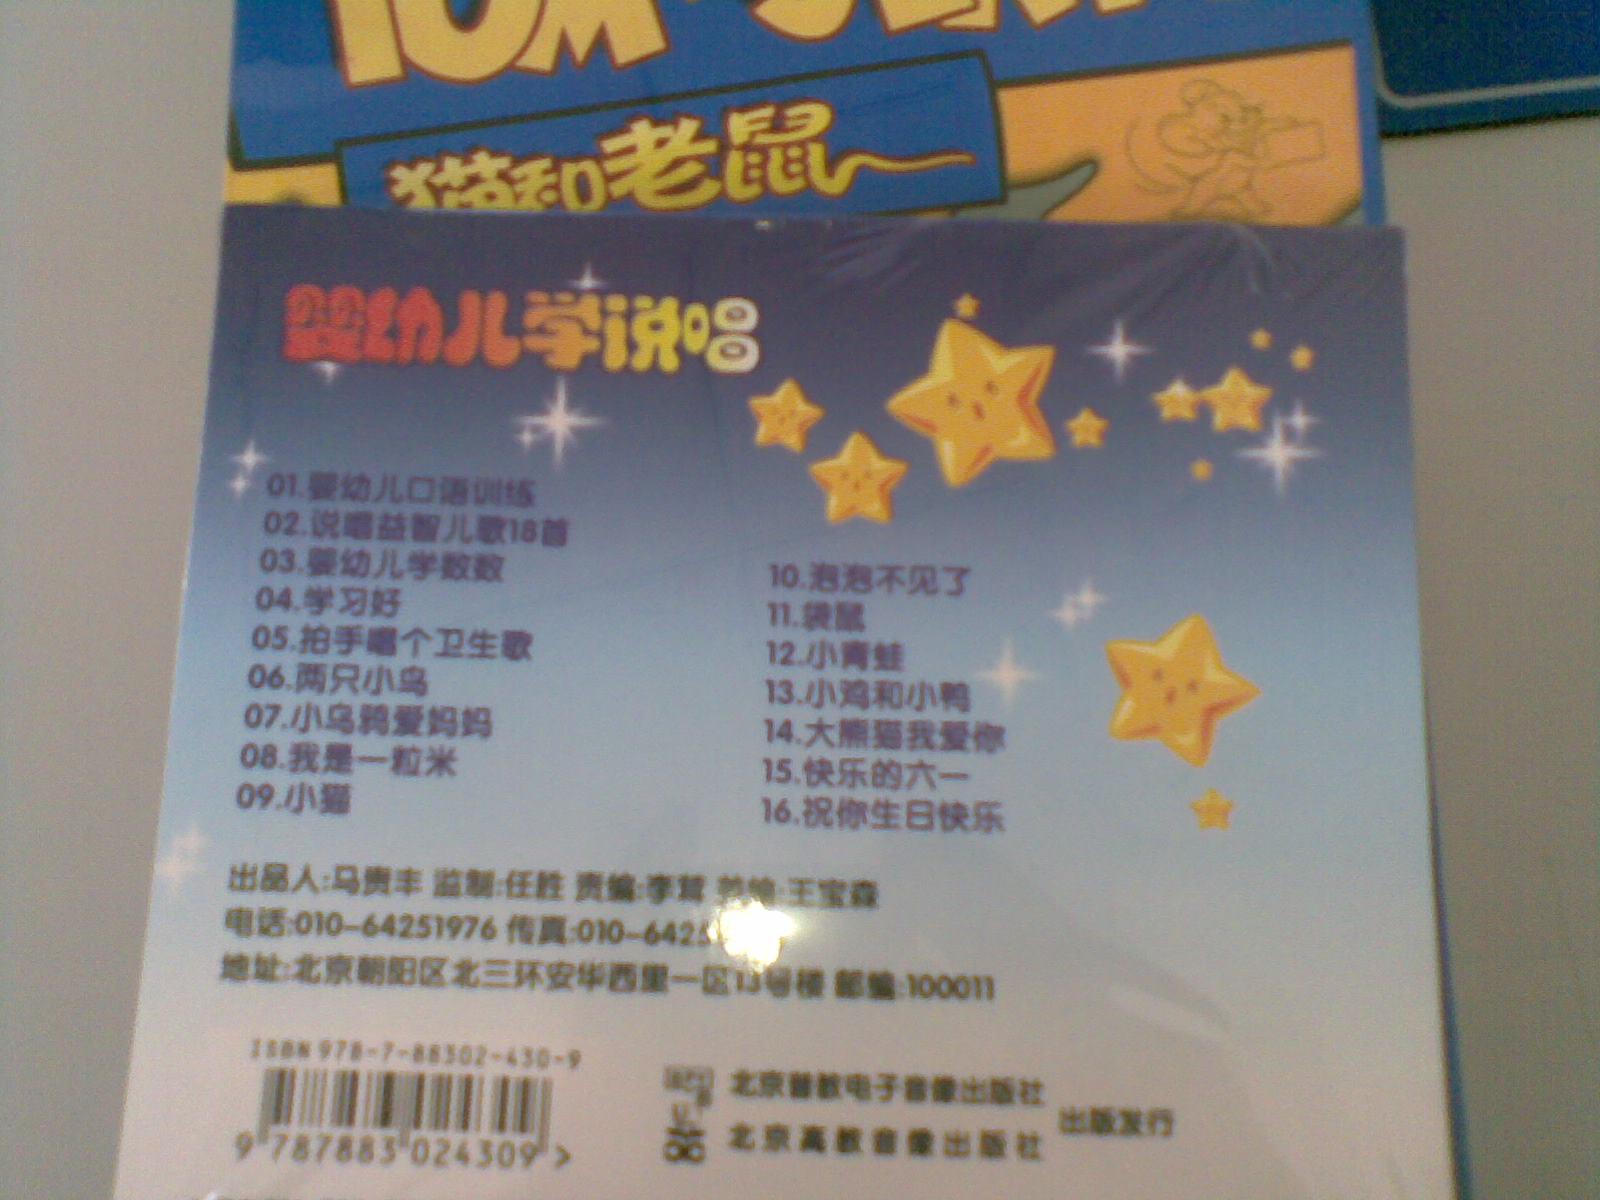 嬰幼兒學說唱(音樂篇)(1CD) 實拍圖